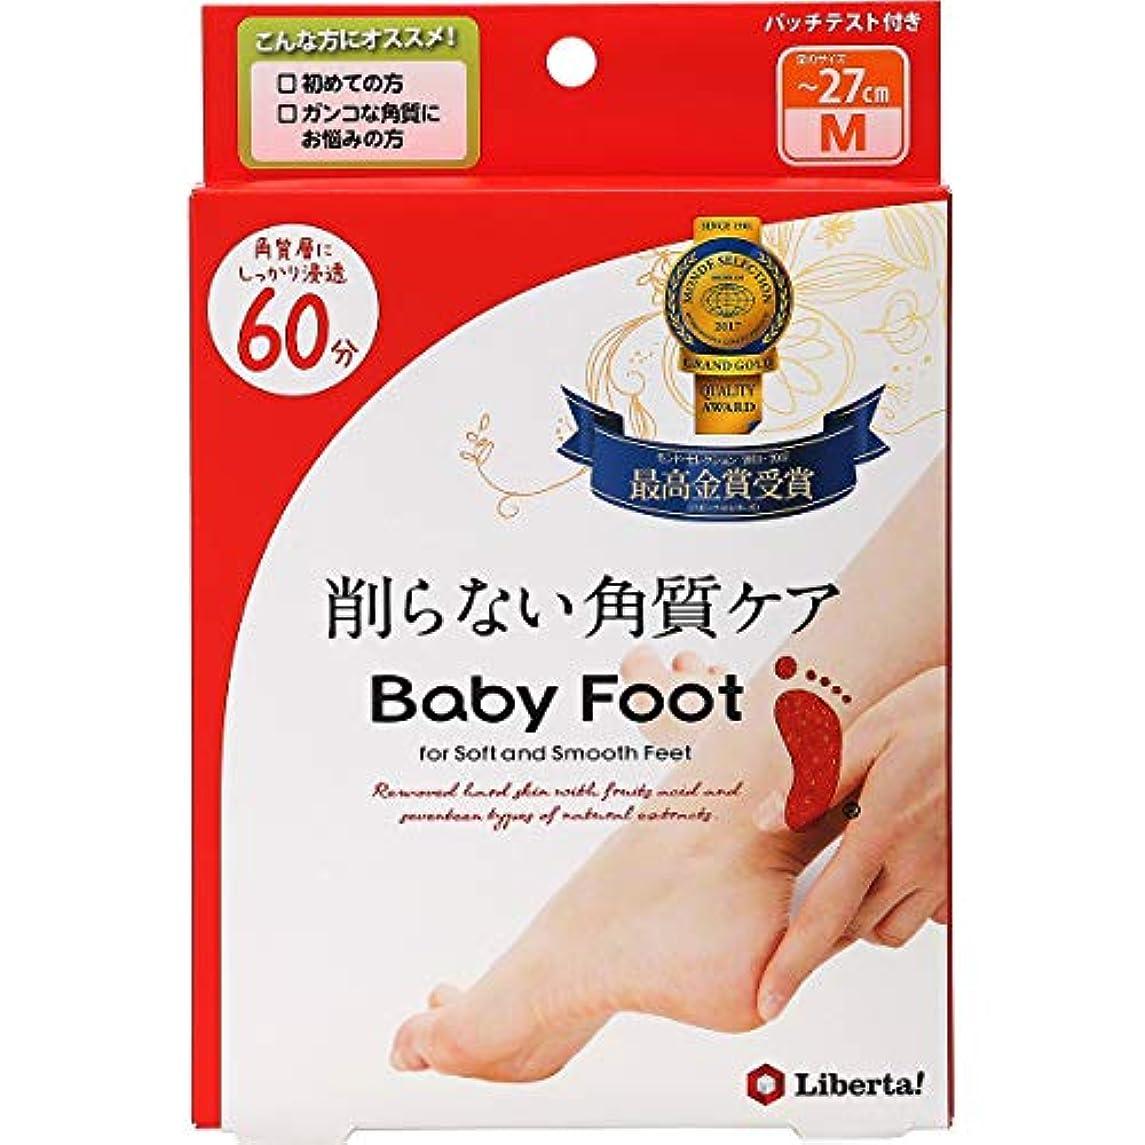 絶壁引用サーキットに行くベビーフット (Baby Foot) ベビーフット イージーパック SPT60分タイプ Mサイズ 単品